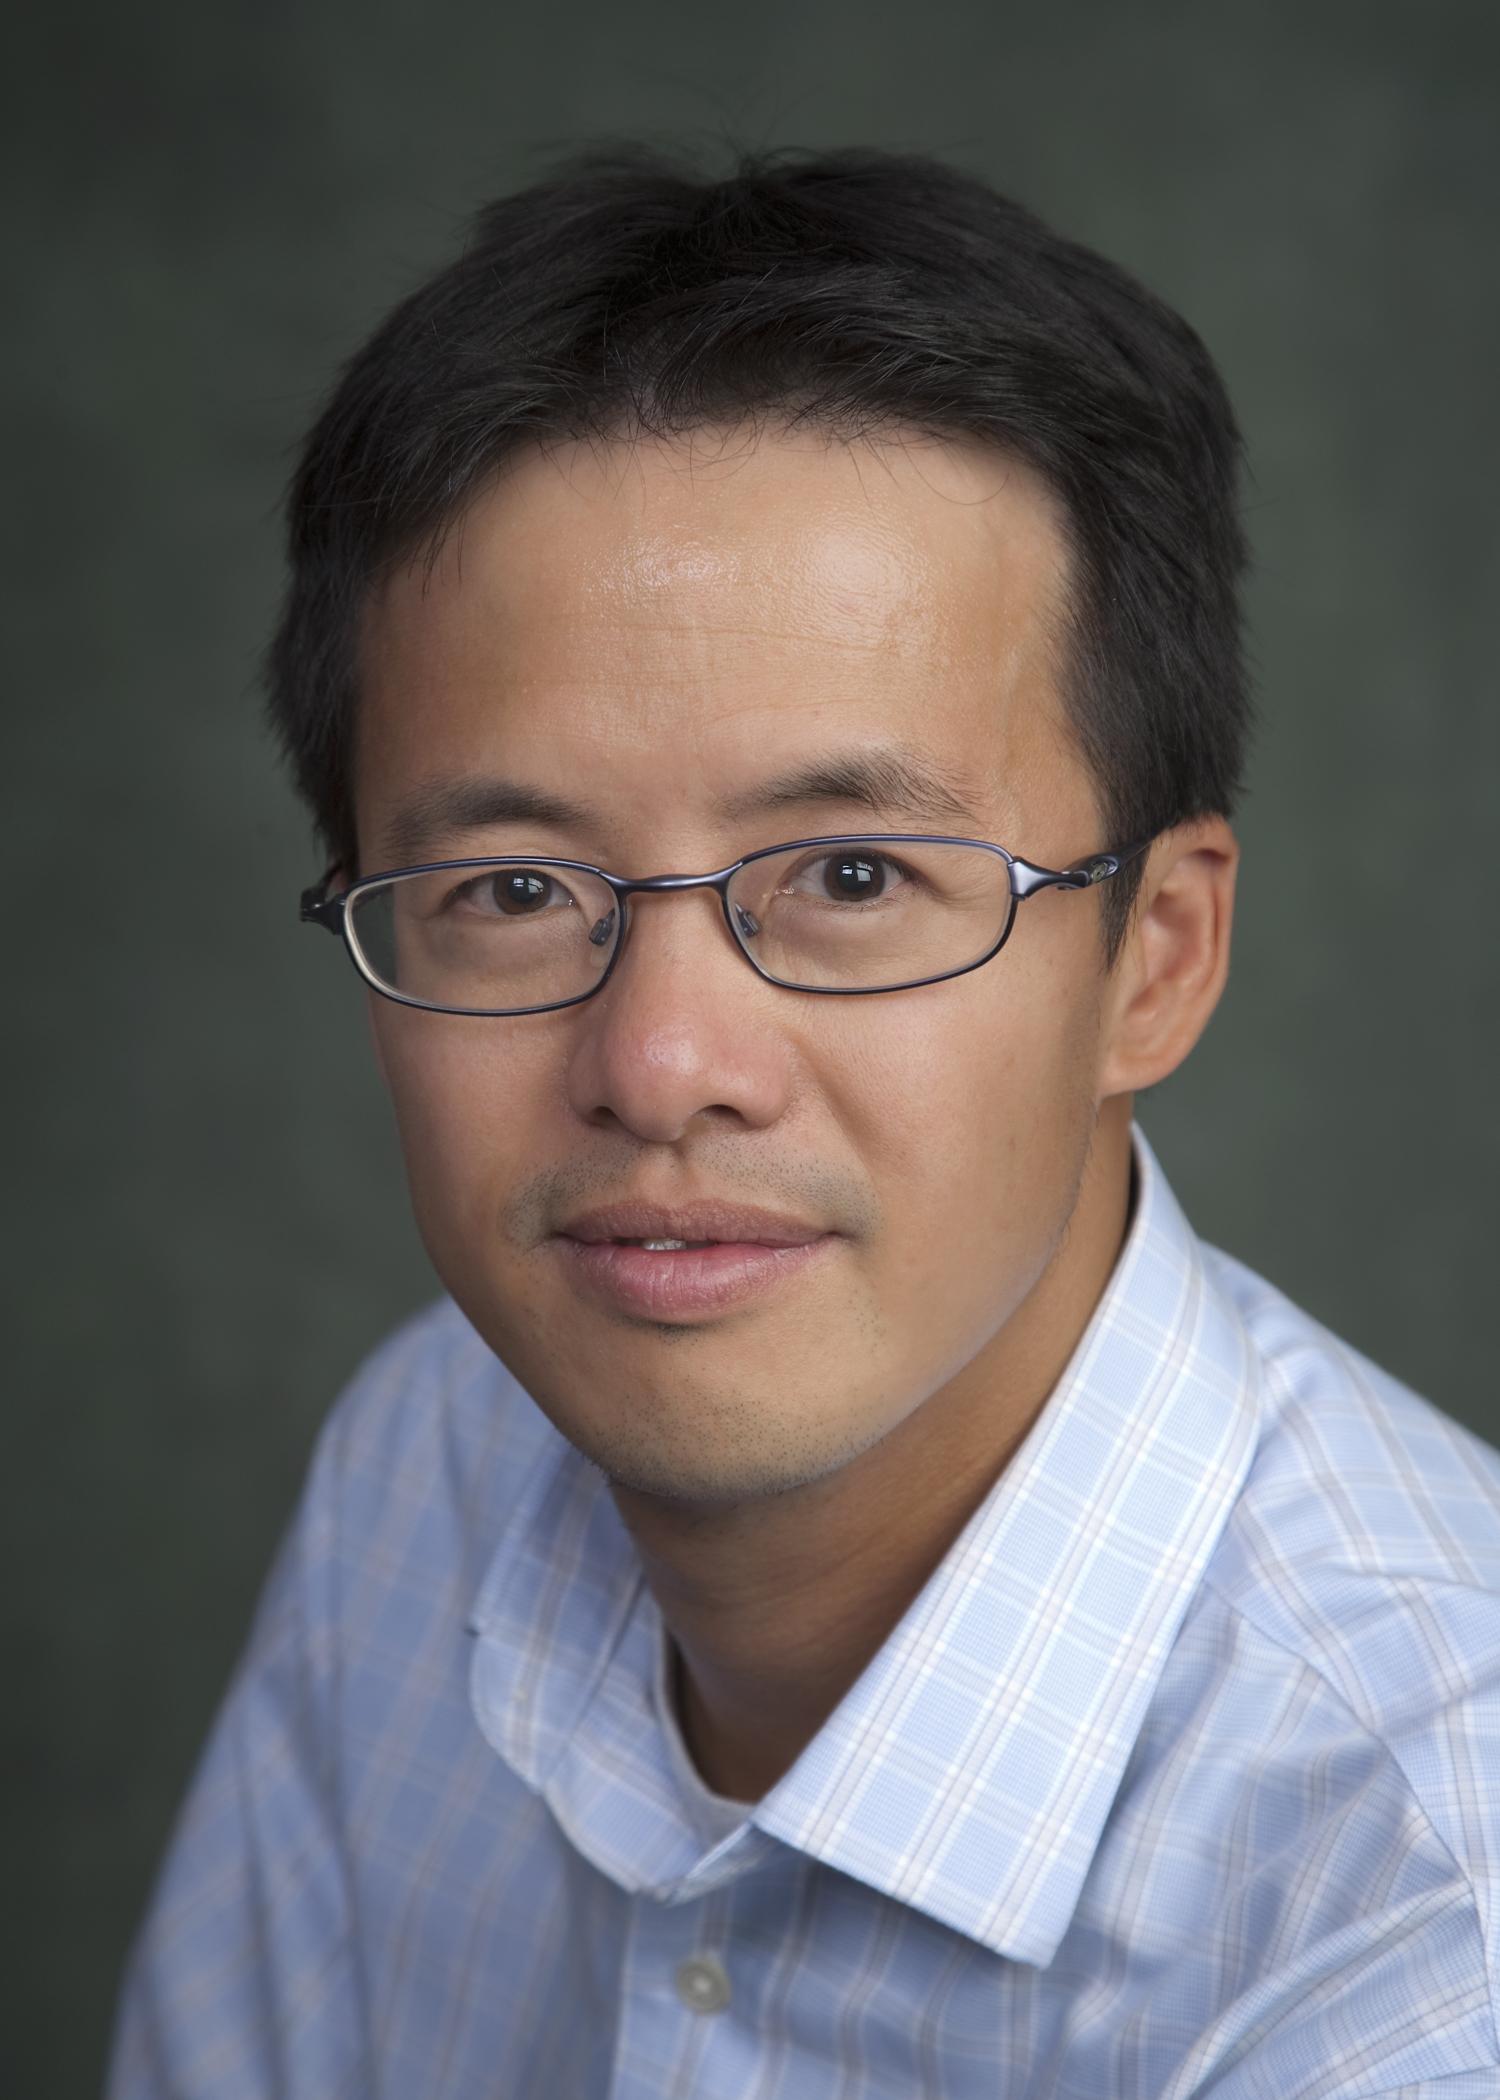 Adrian Yee